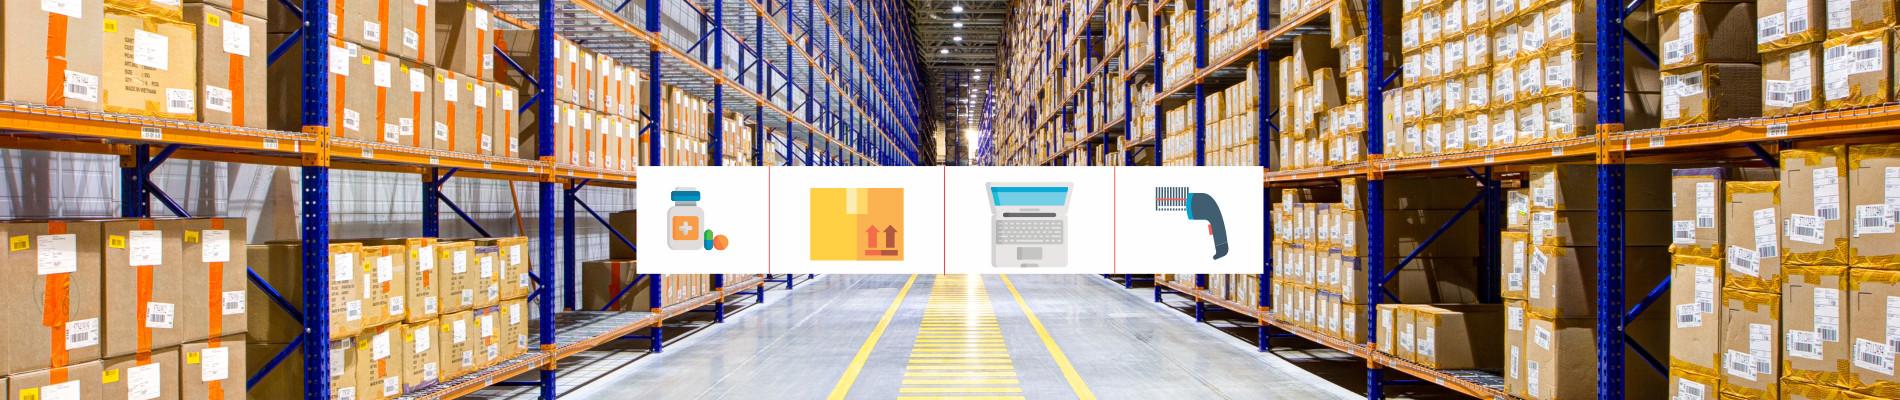 imagem de estoque de distribuidores de materiais e medicamentos